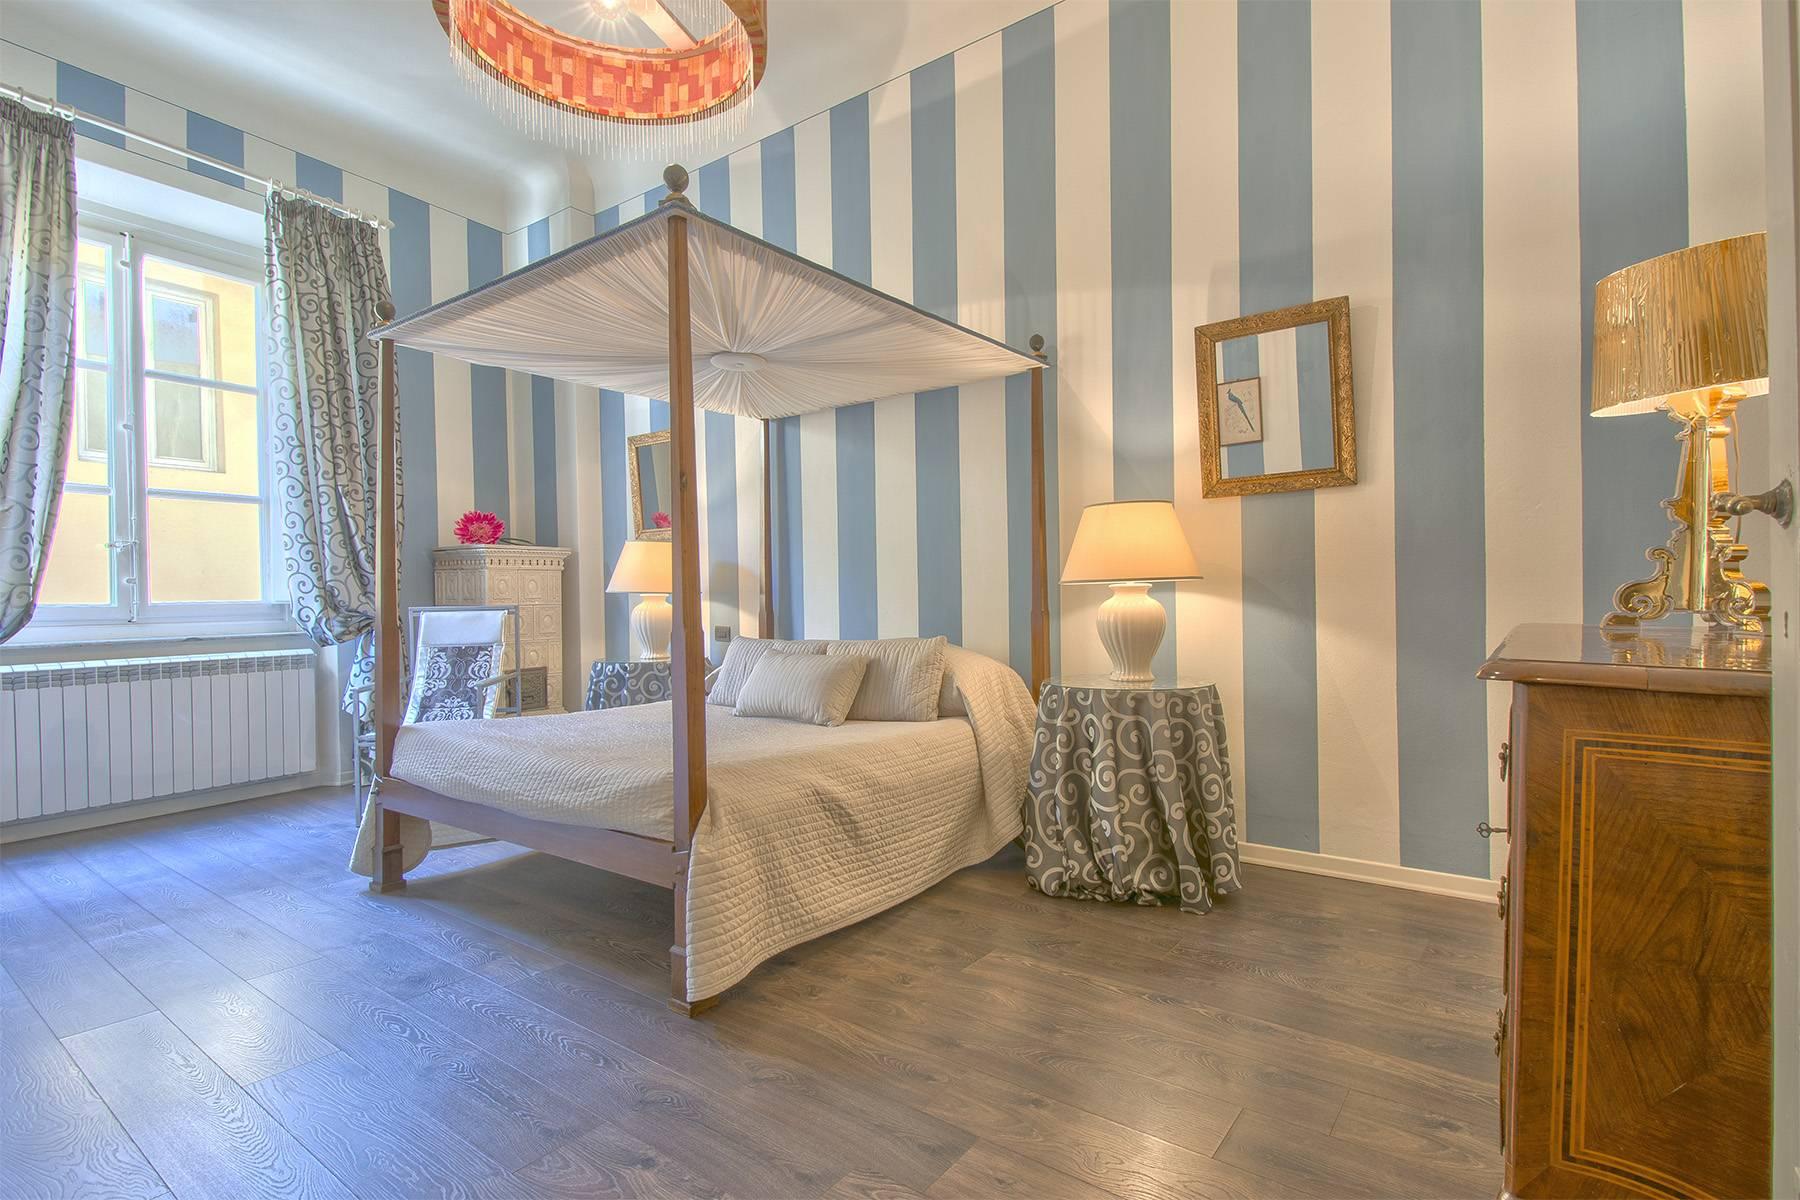 Appartamento in Vendita a Lucca: 5 locali, 200 mq - Foto 24